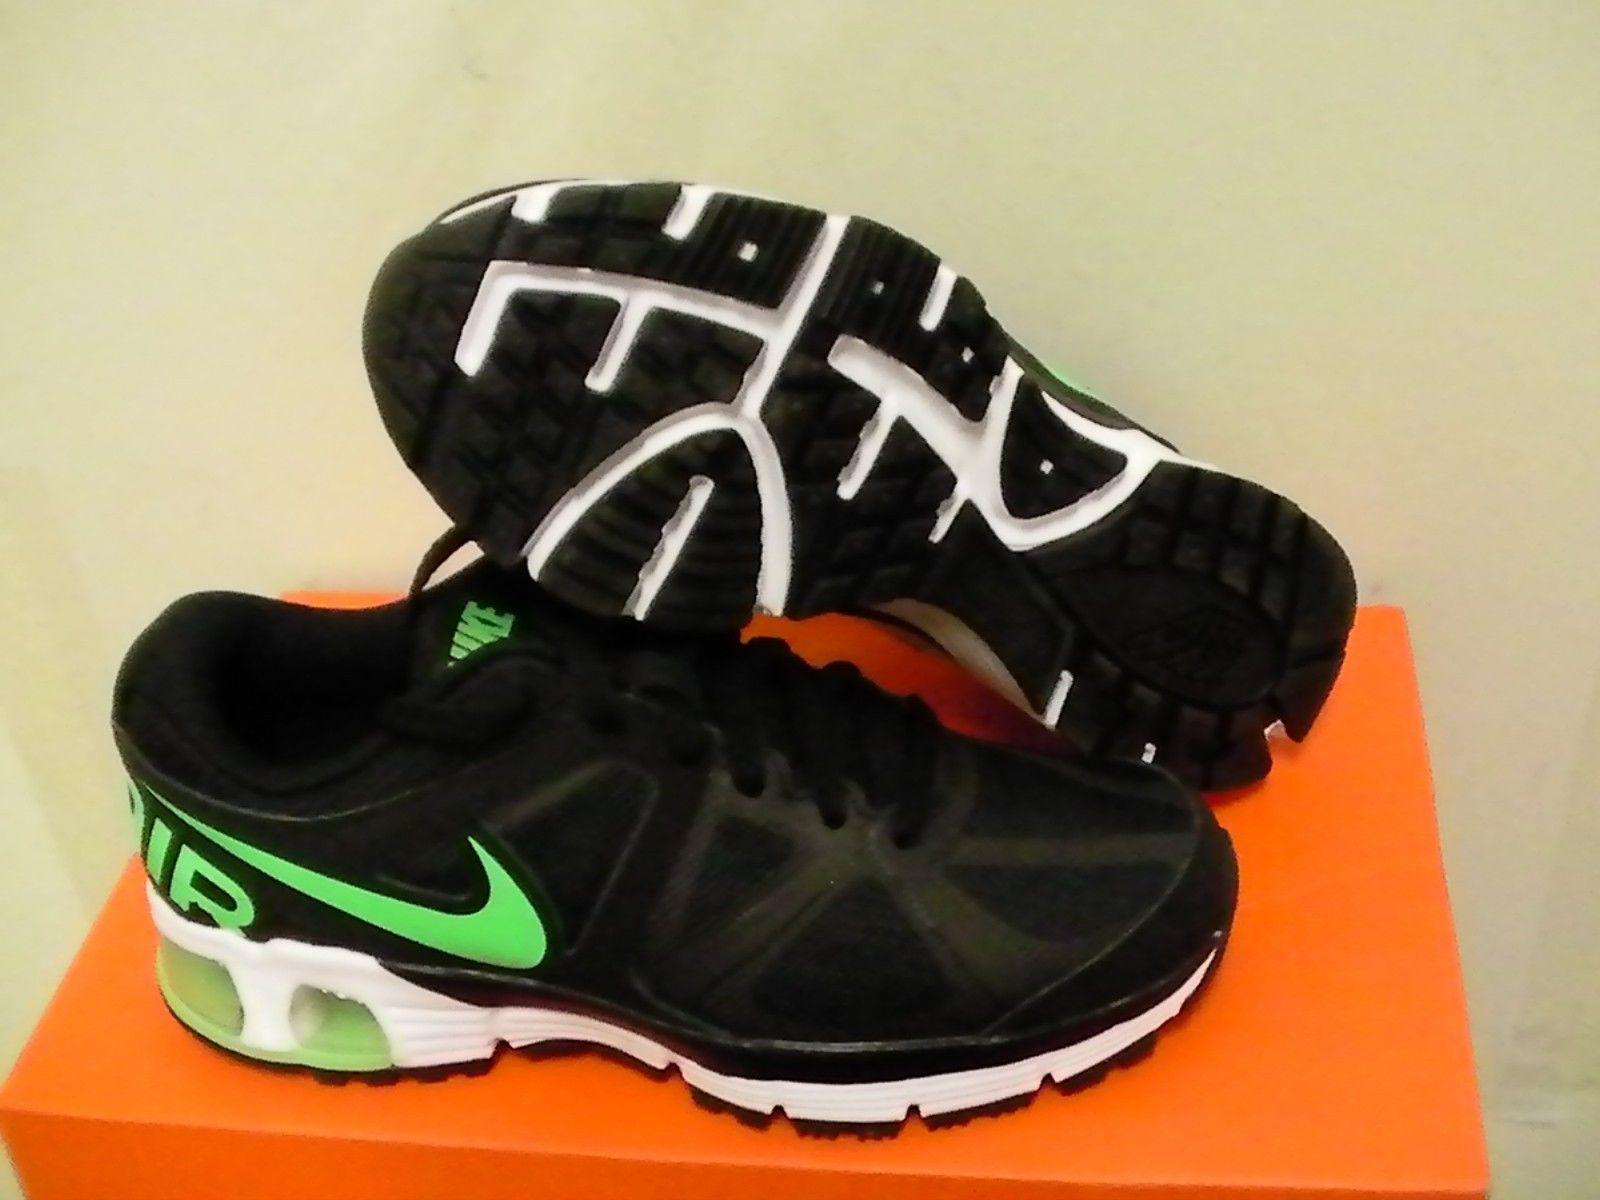 big sale 7620e 1f9cf Nike air max run lite 4 (GS) siz 4,5Y and 50 similar items. 57